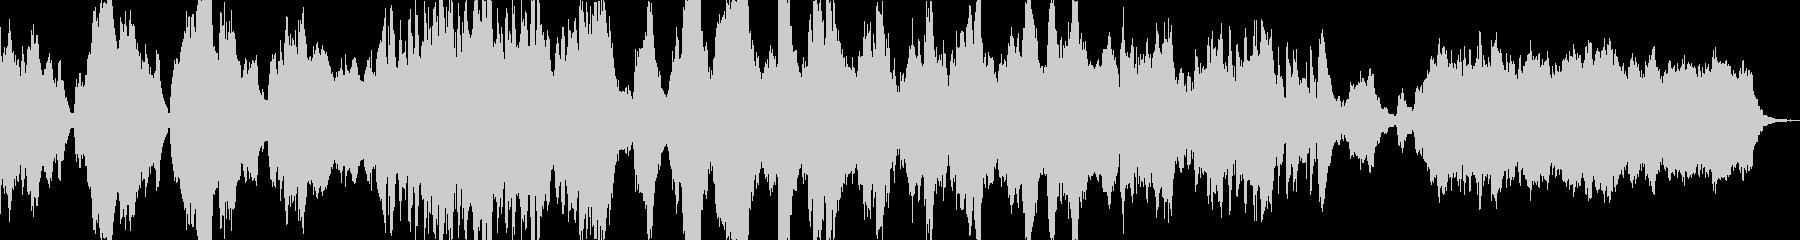 緊張感のあるピアノとストリングスの未再生の波形